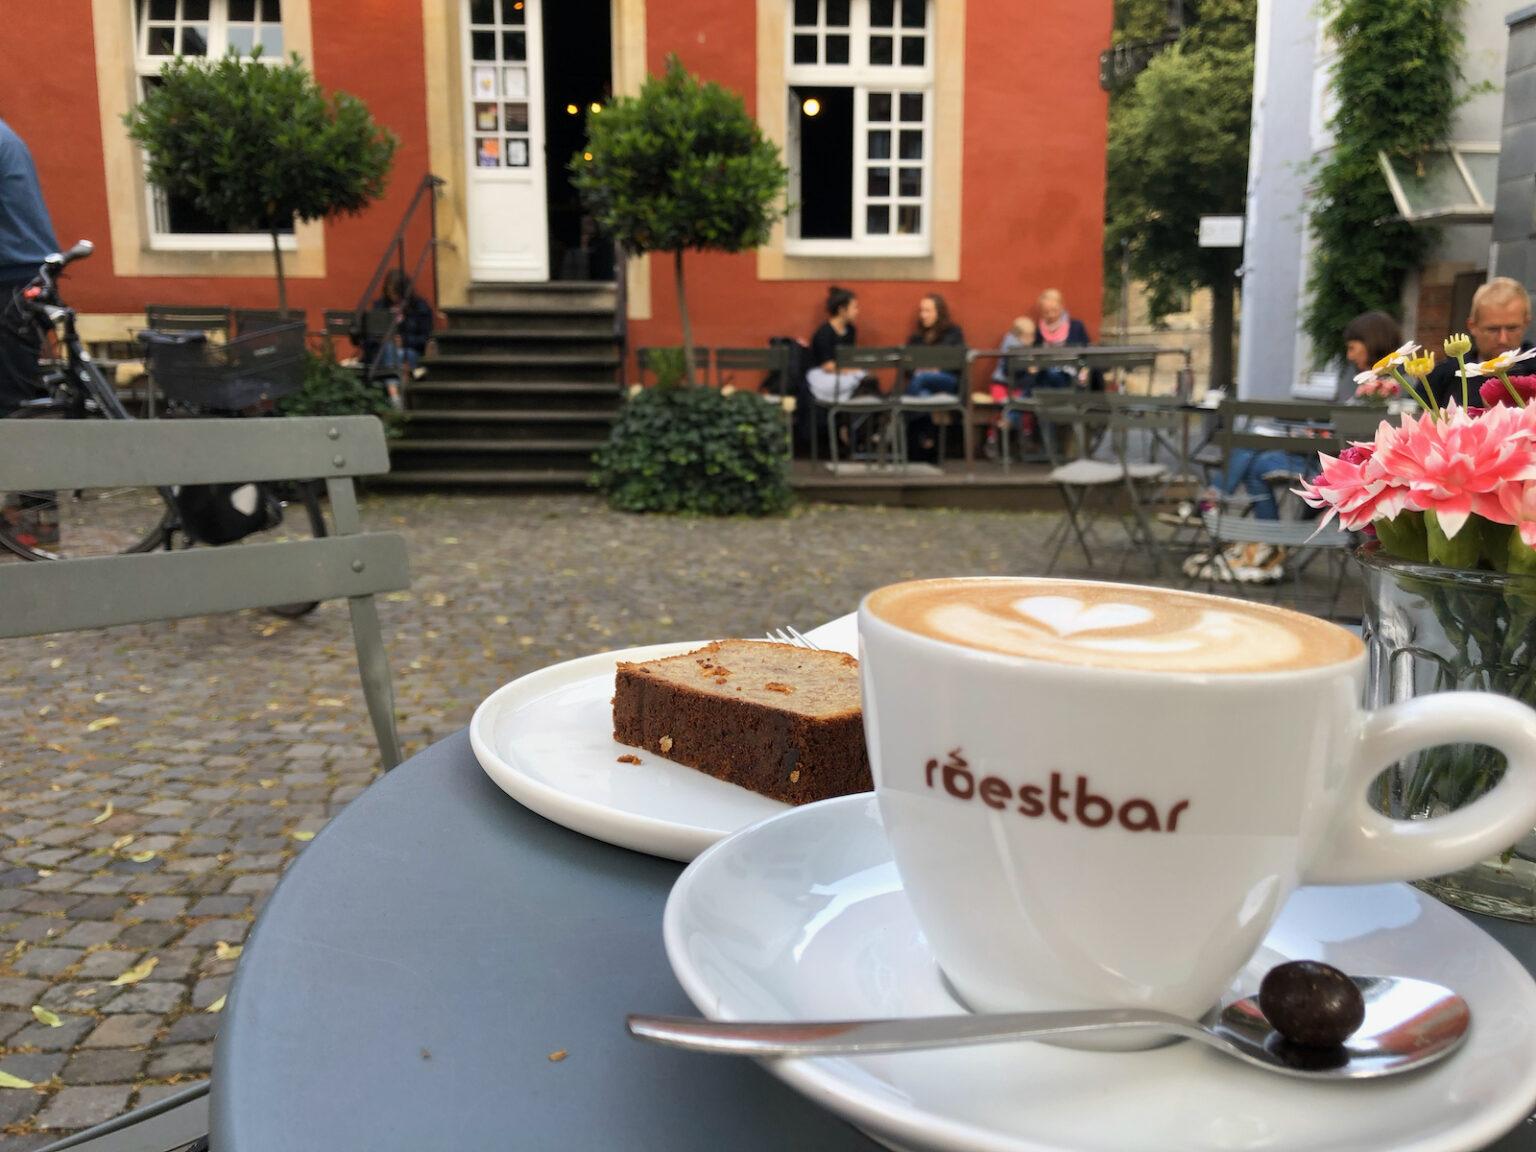 """Frühstück in der """"roestbar"""" in Münster"""